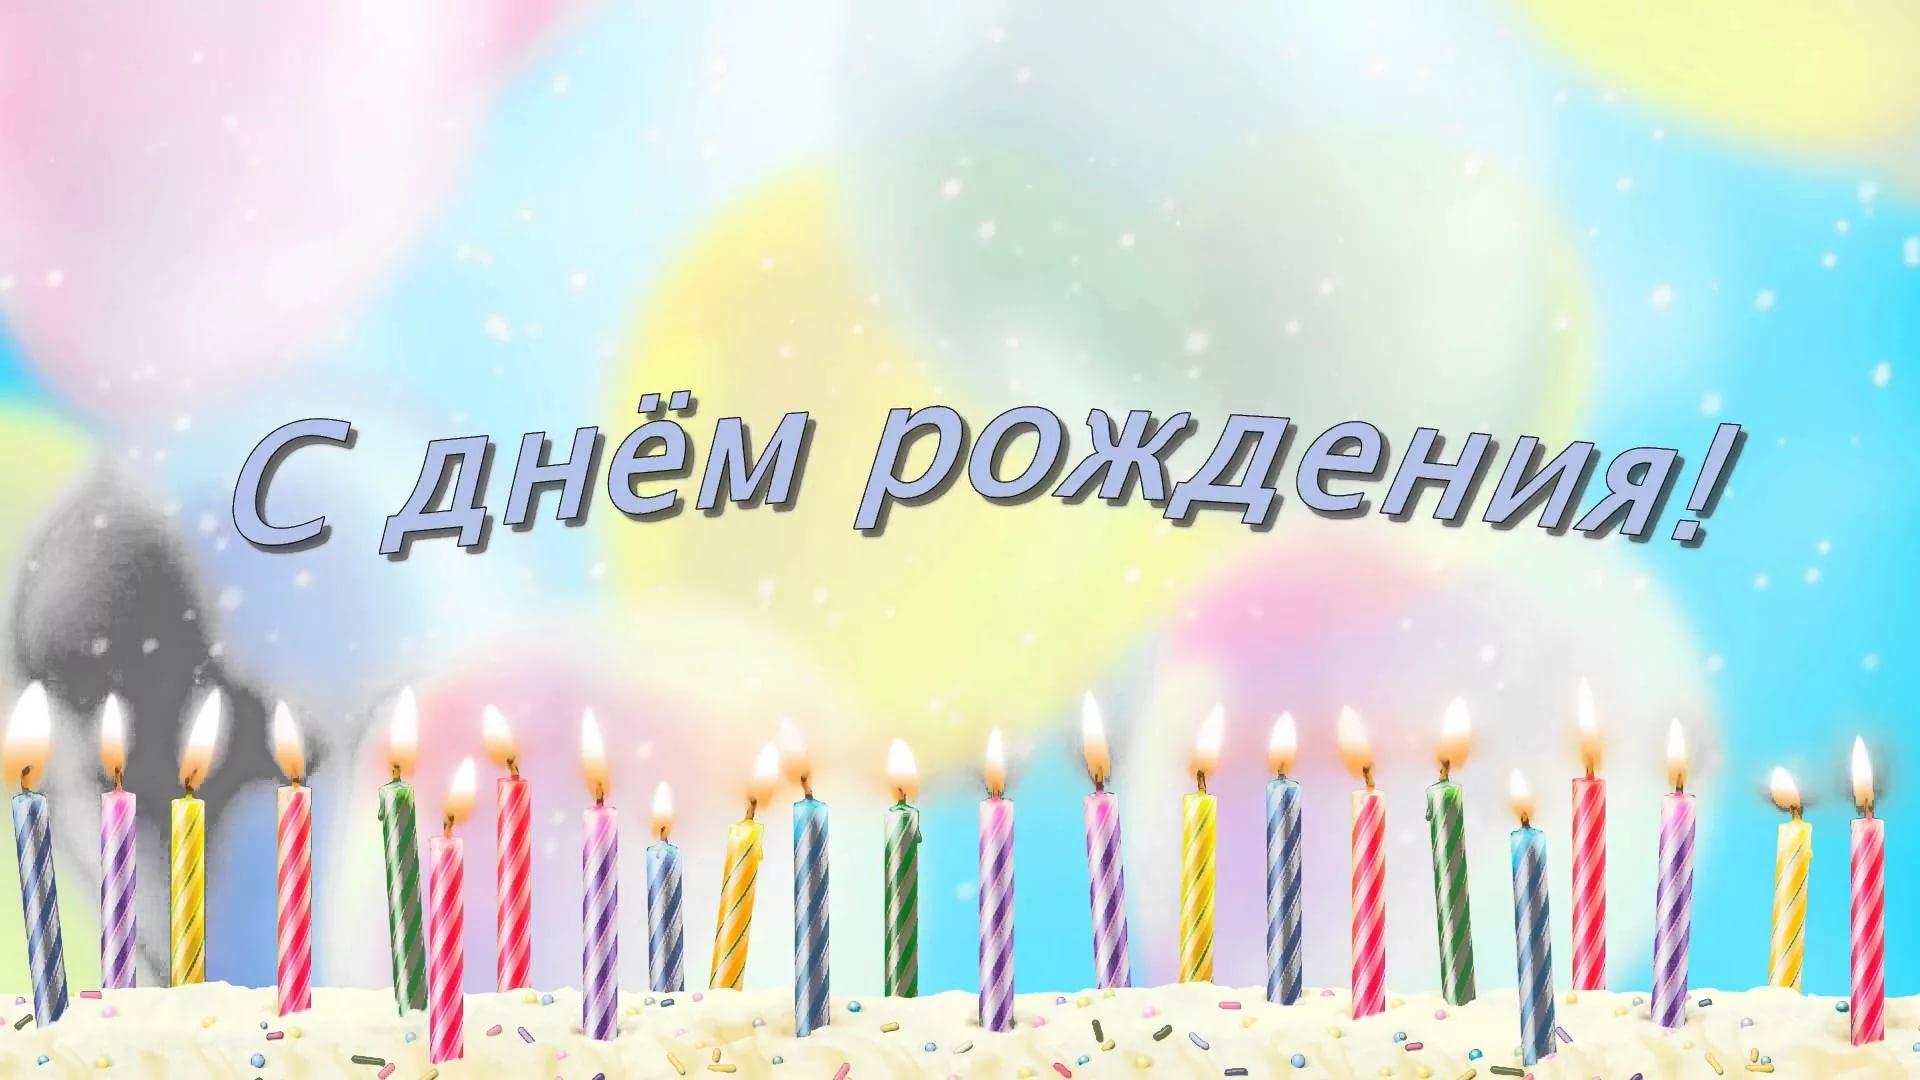 Массаж полового заставка с днем рождения с поздравлением